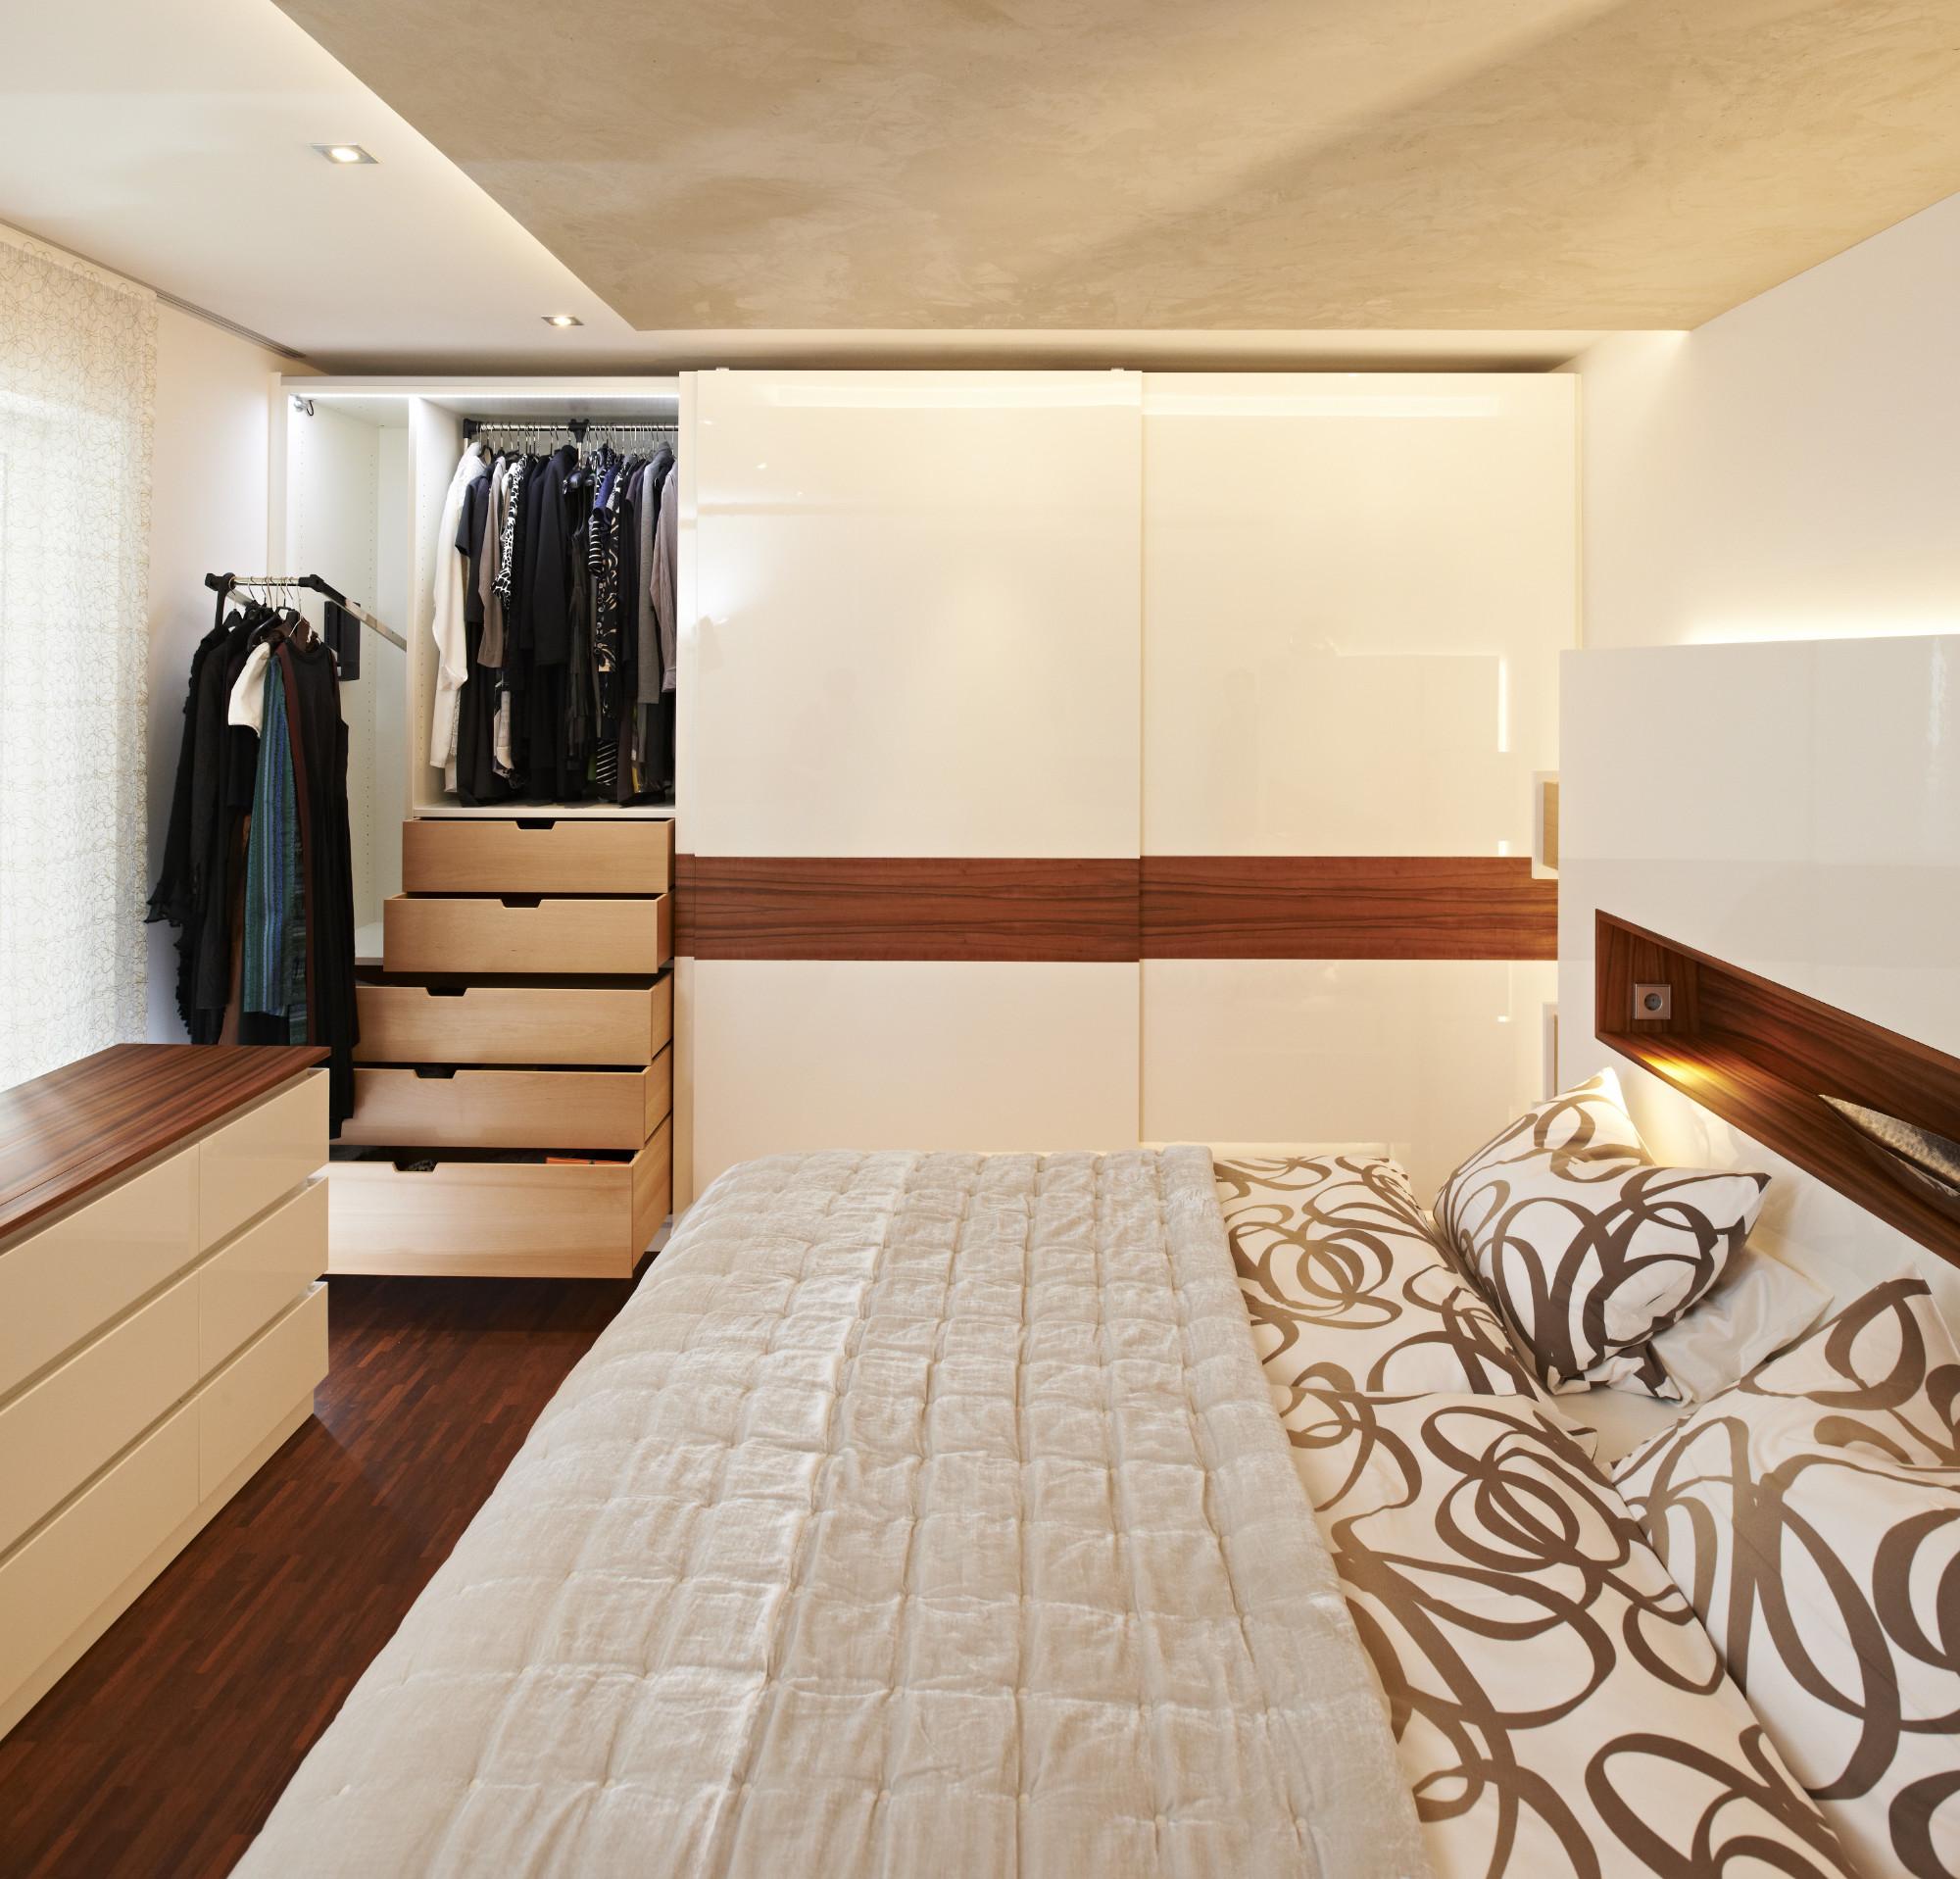 schlafzimmer indisch moderne schlafzimmer lampe zimmergestaltung ideen gardinen f r. Black Bedroom Furniture Sets. Home Design Ideas